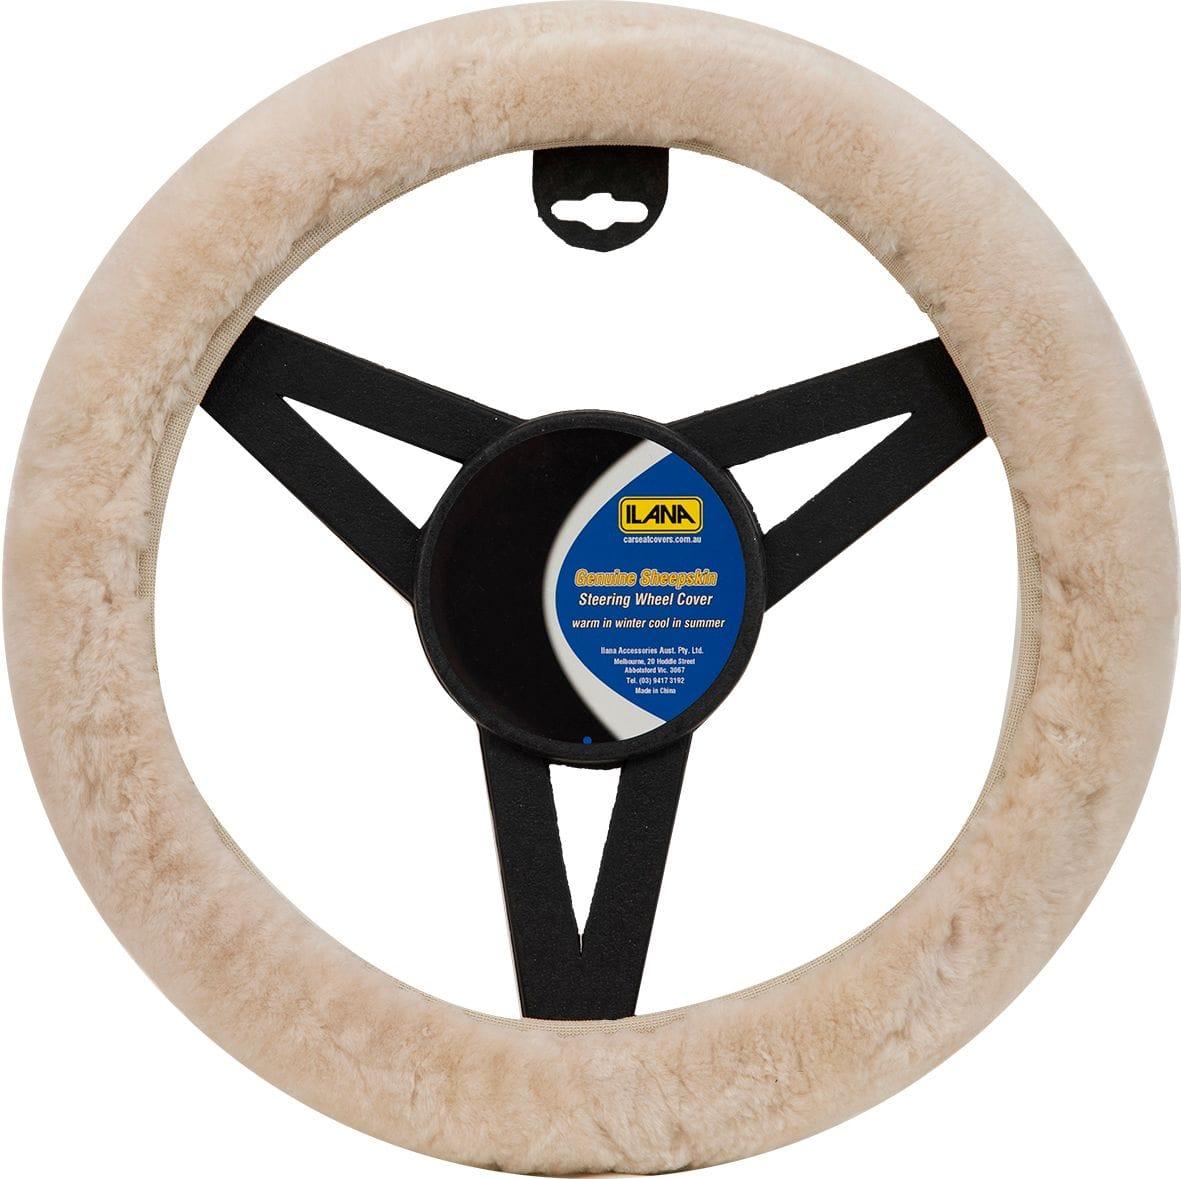 sheepskin steering wheel cover54e6b7c1c0d16 jpg?v\u003d2